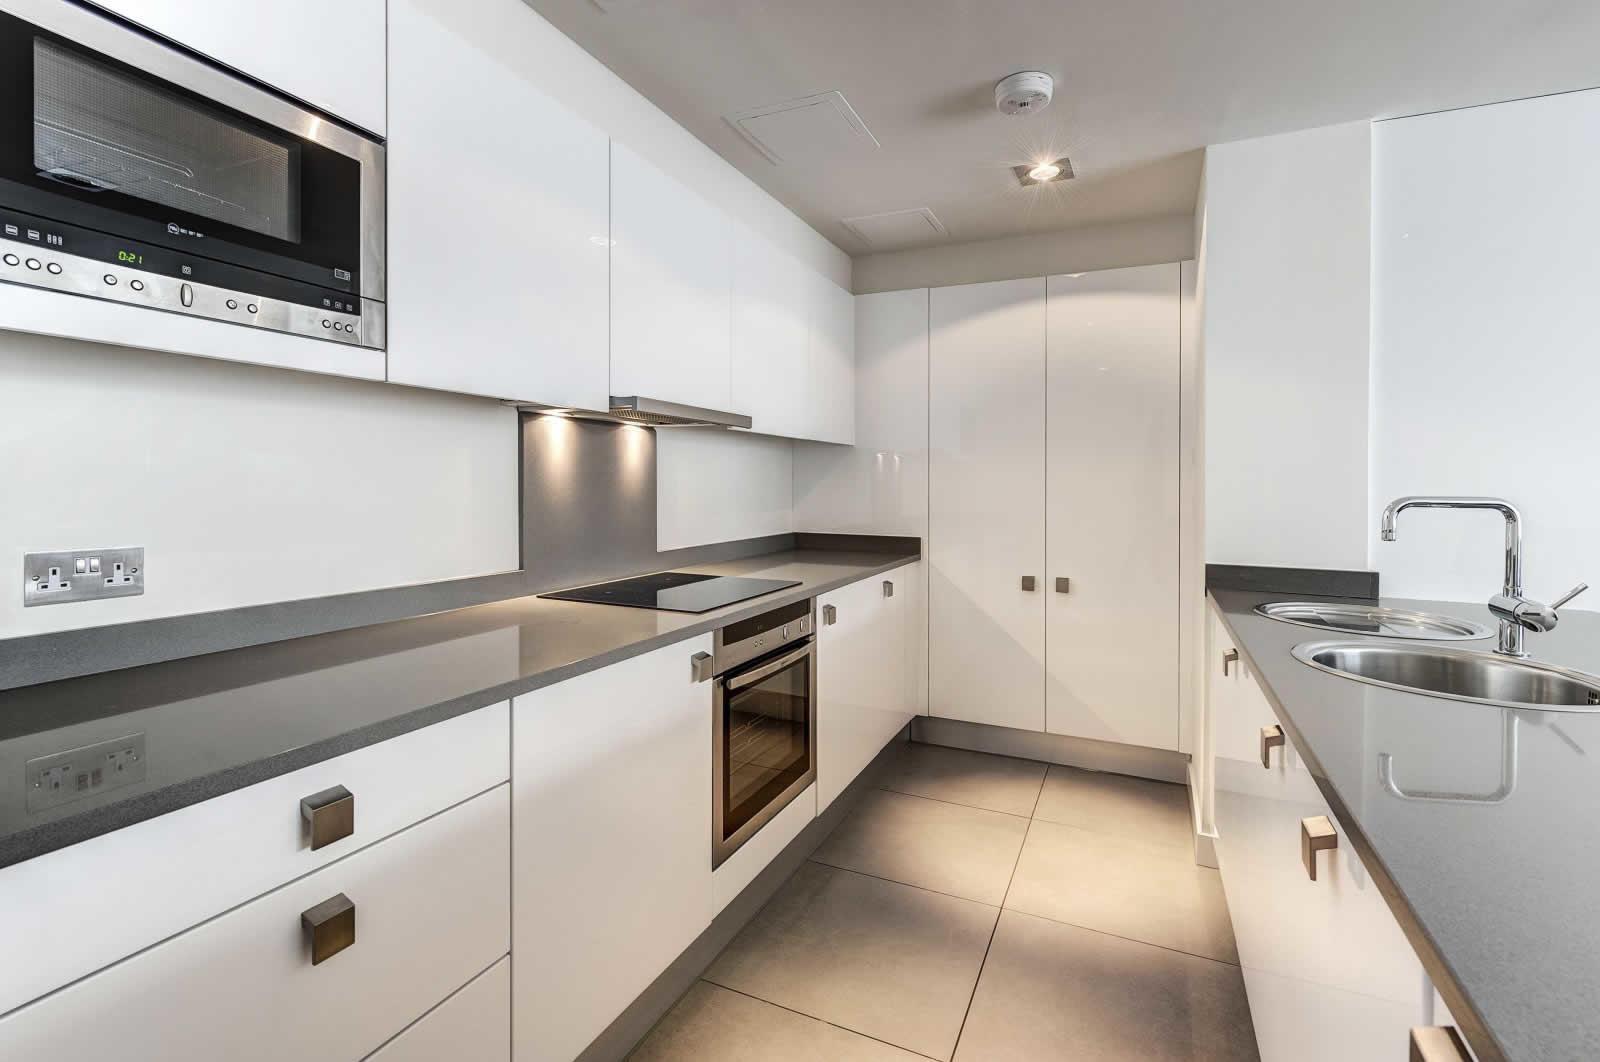 appartement-lumineux-a-louer-south-kensington-grandes-fenetres-vue-degagee-cuisine-moderne